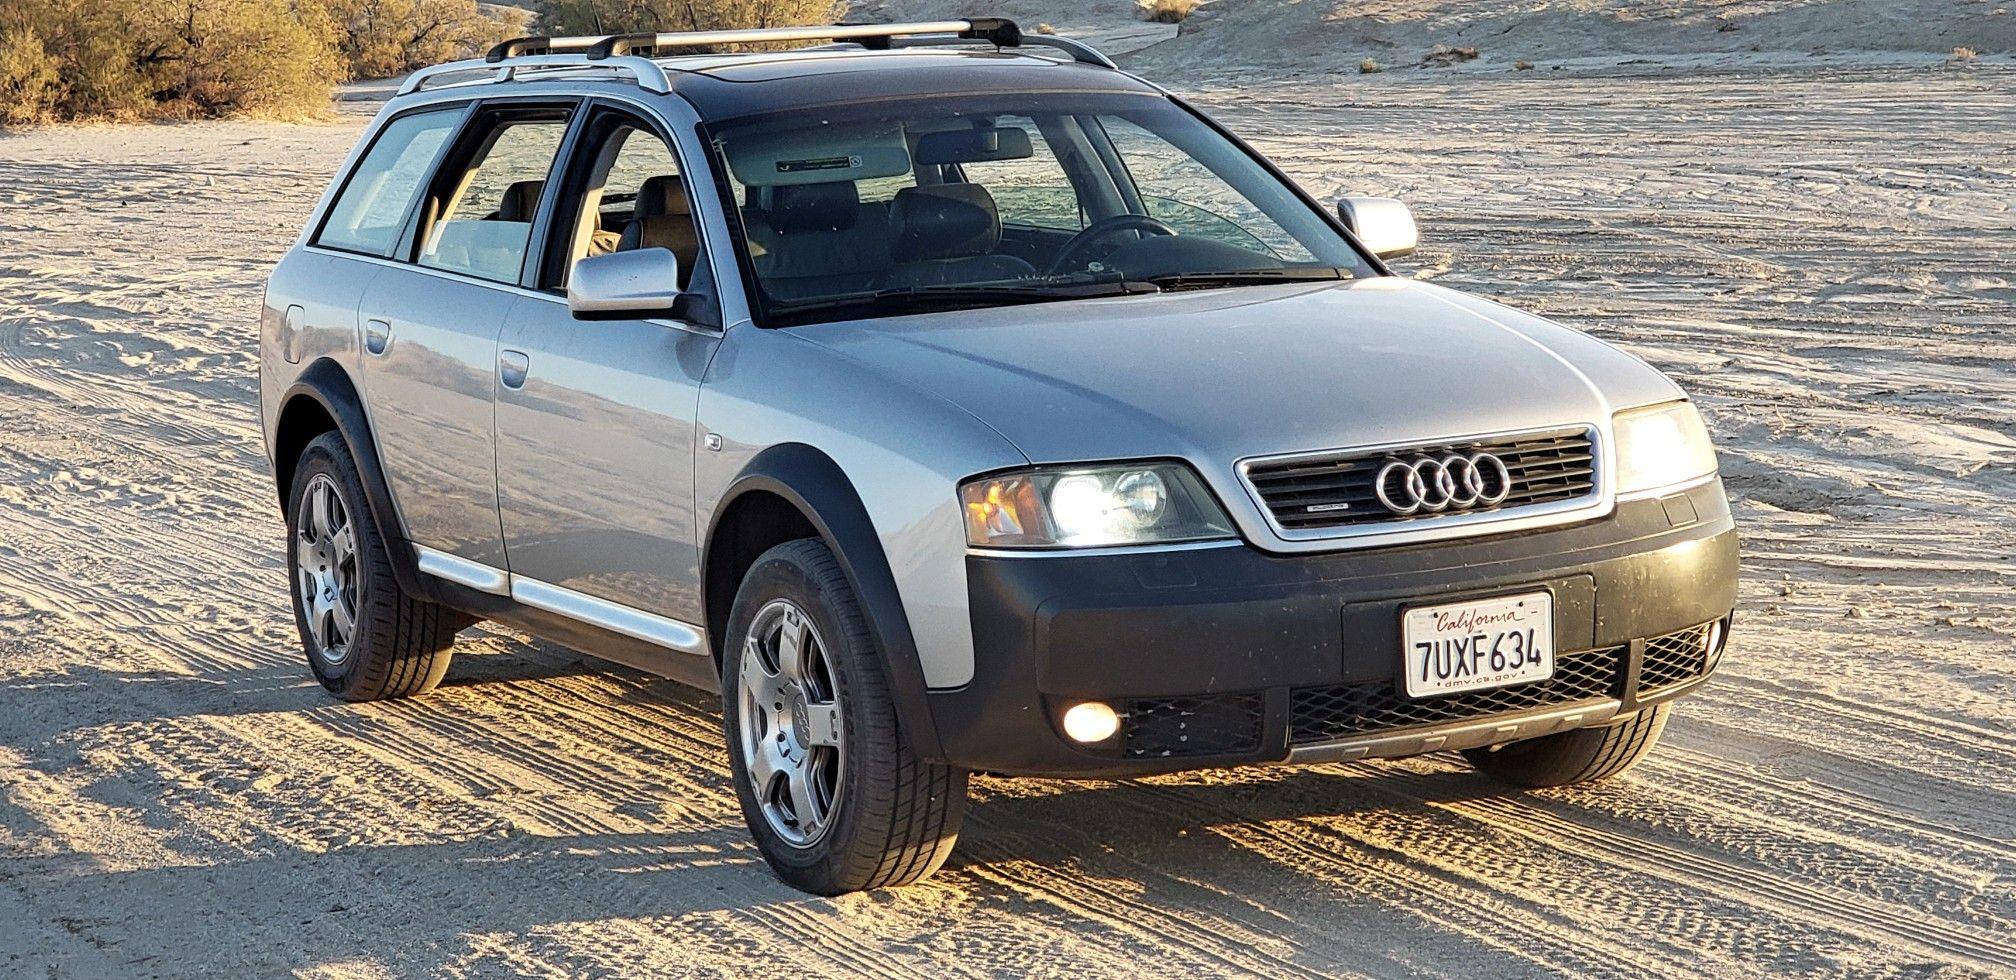 2003 audi allroad 2 7 biturbo quattro 4 position adjustable suspension best car i 39 ve ever owned. Black Bedroom Furniture Sets. Home Design Ideas